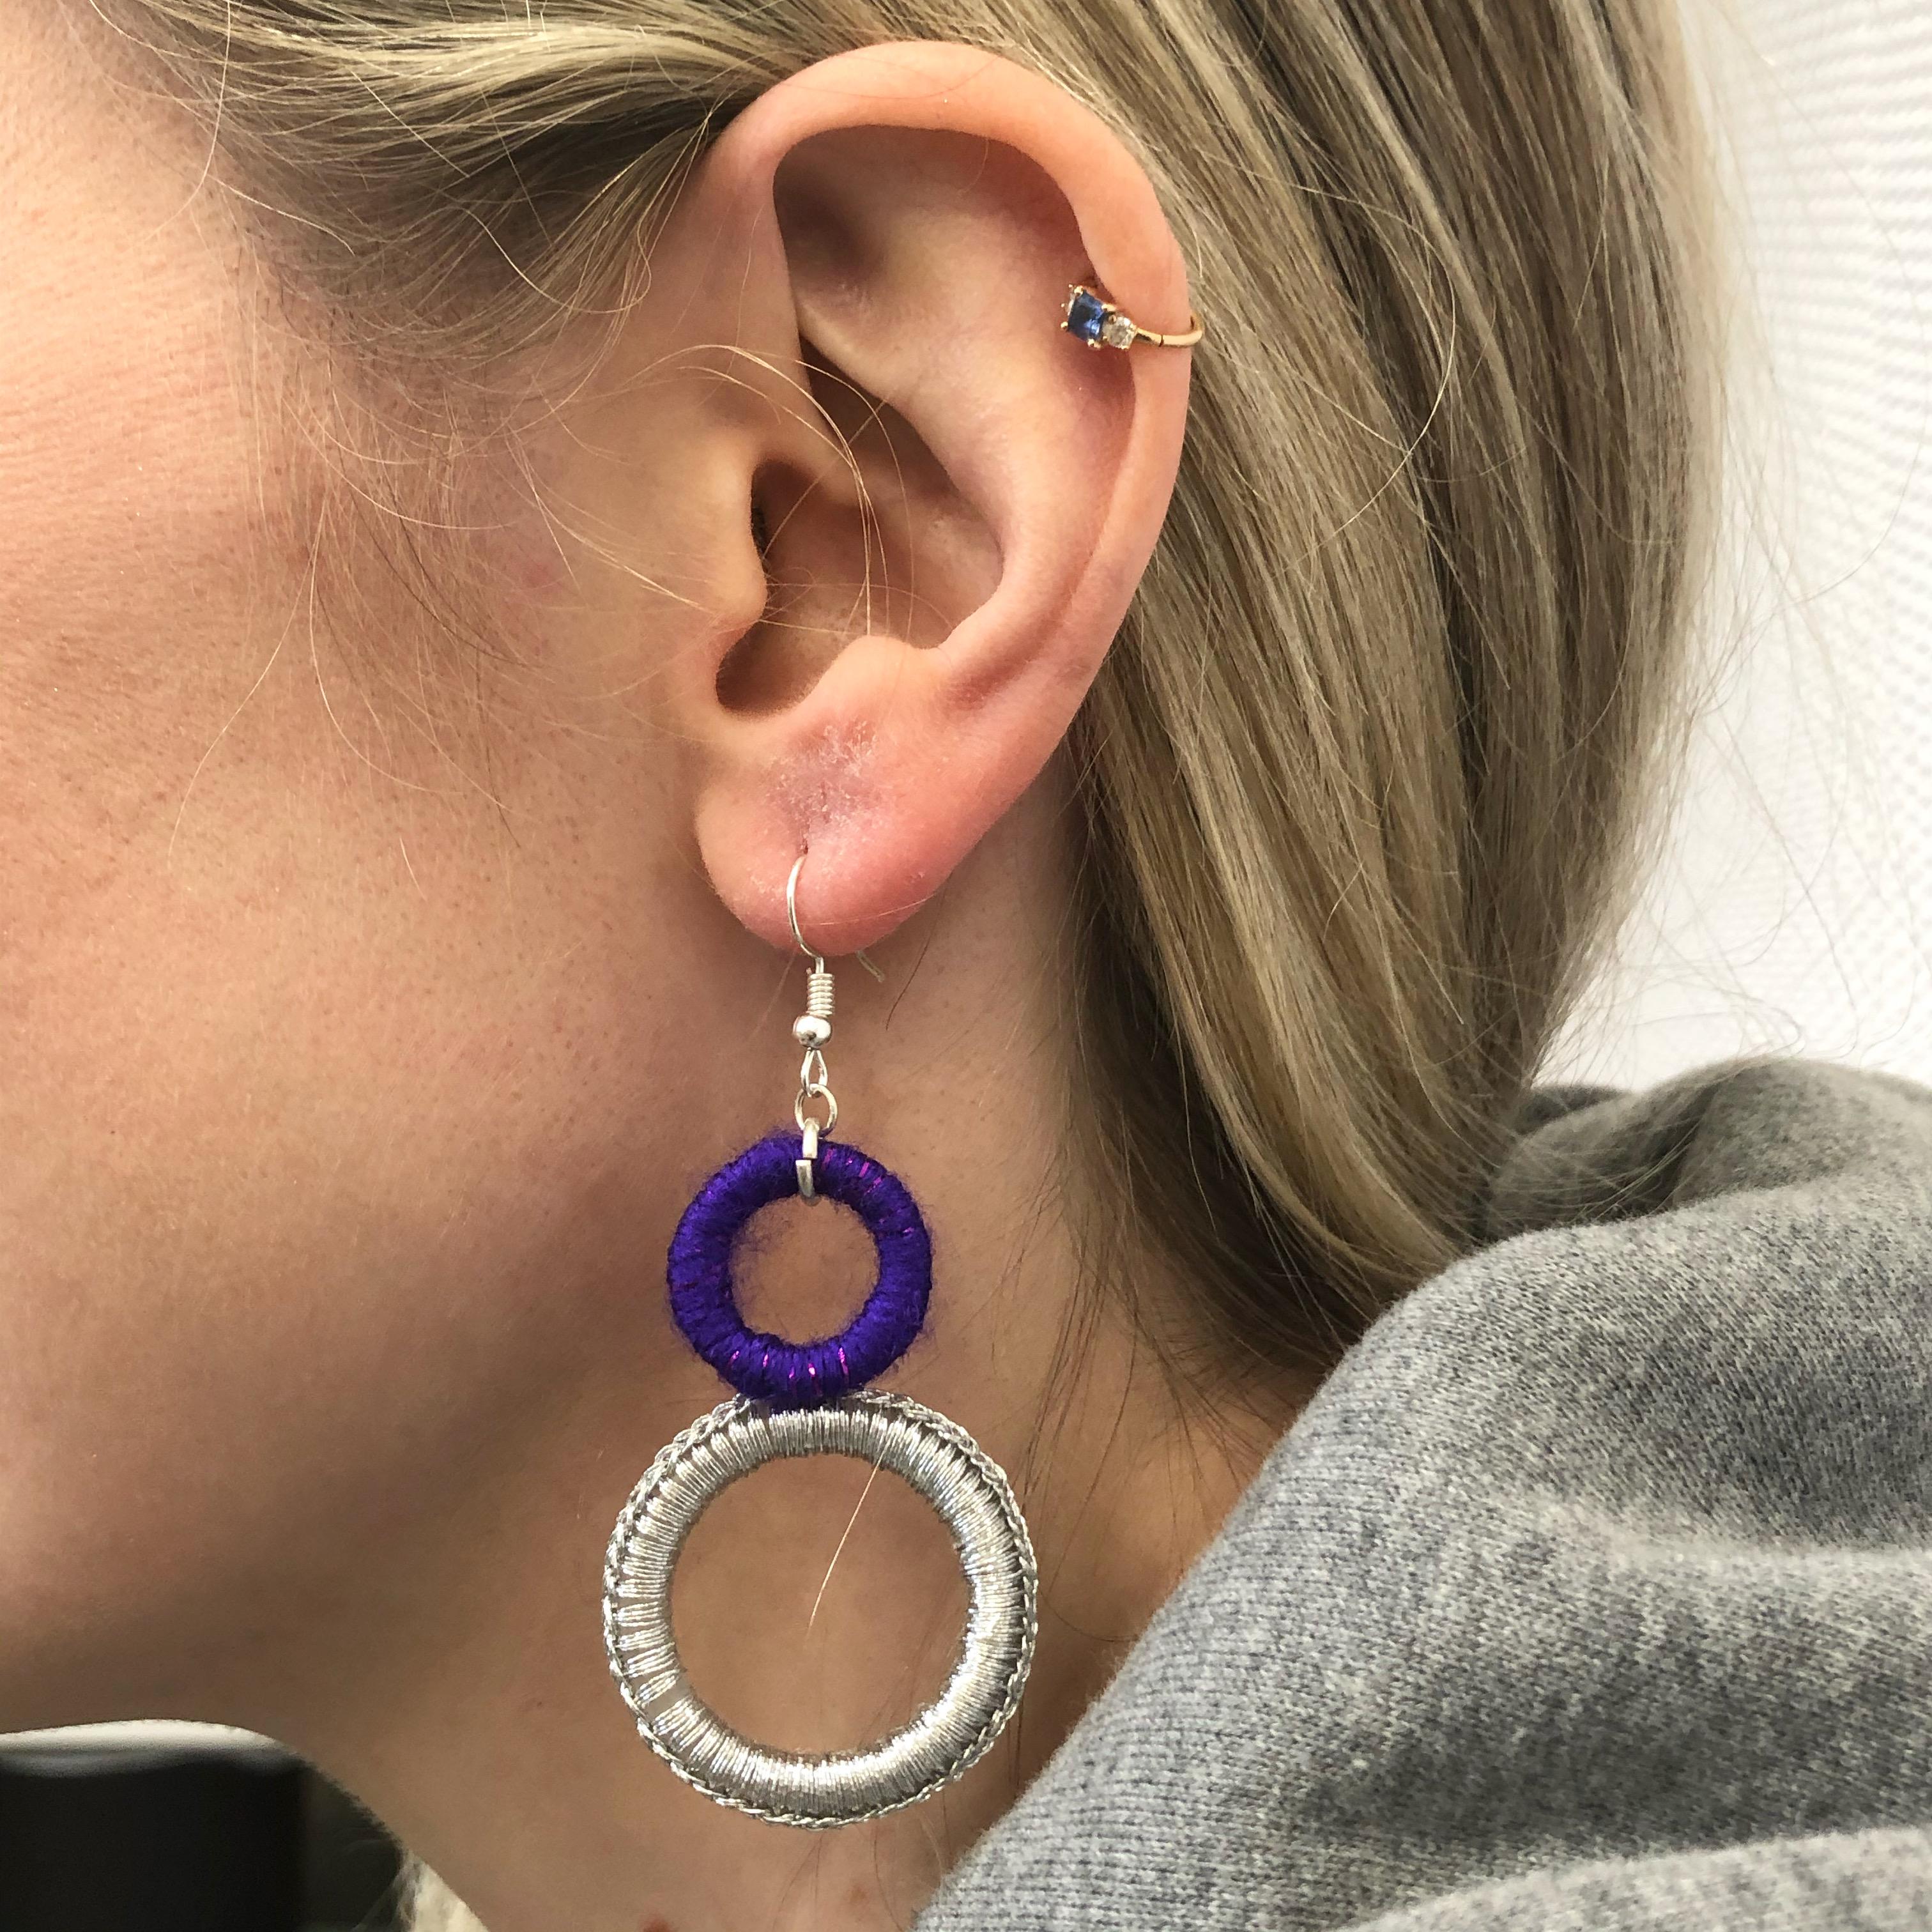 Double Hoop Earrings - Purple & Silver